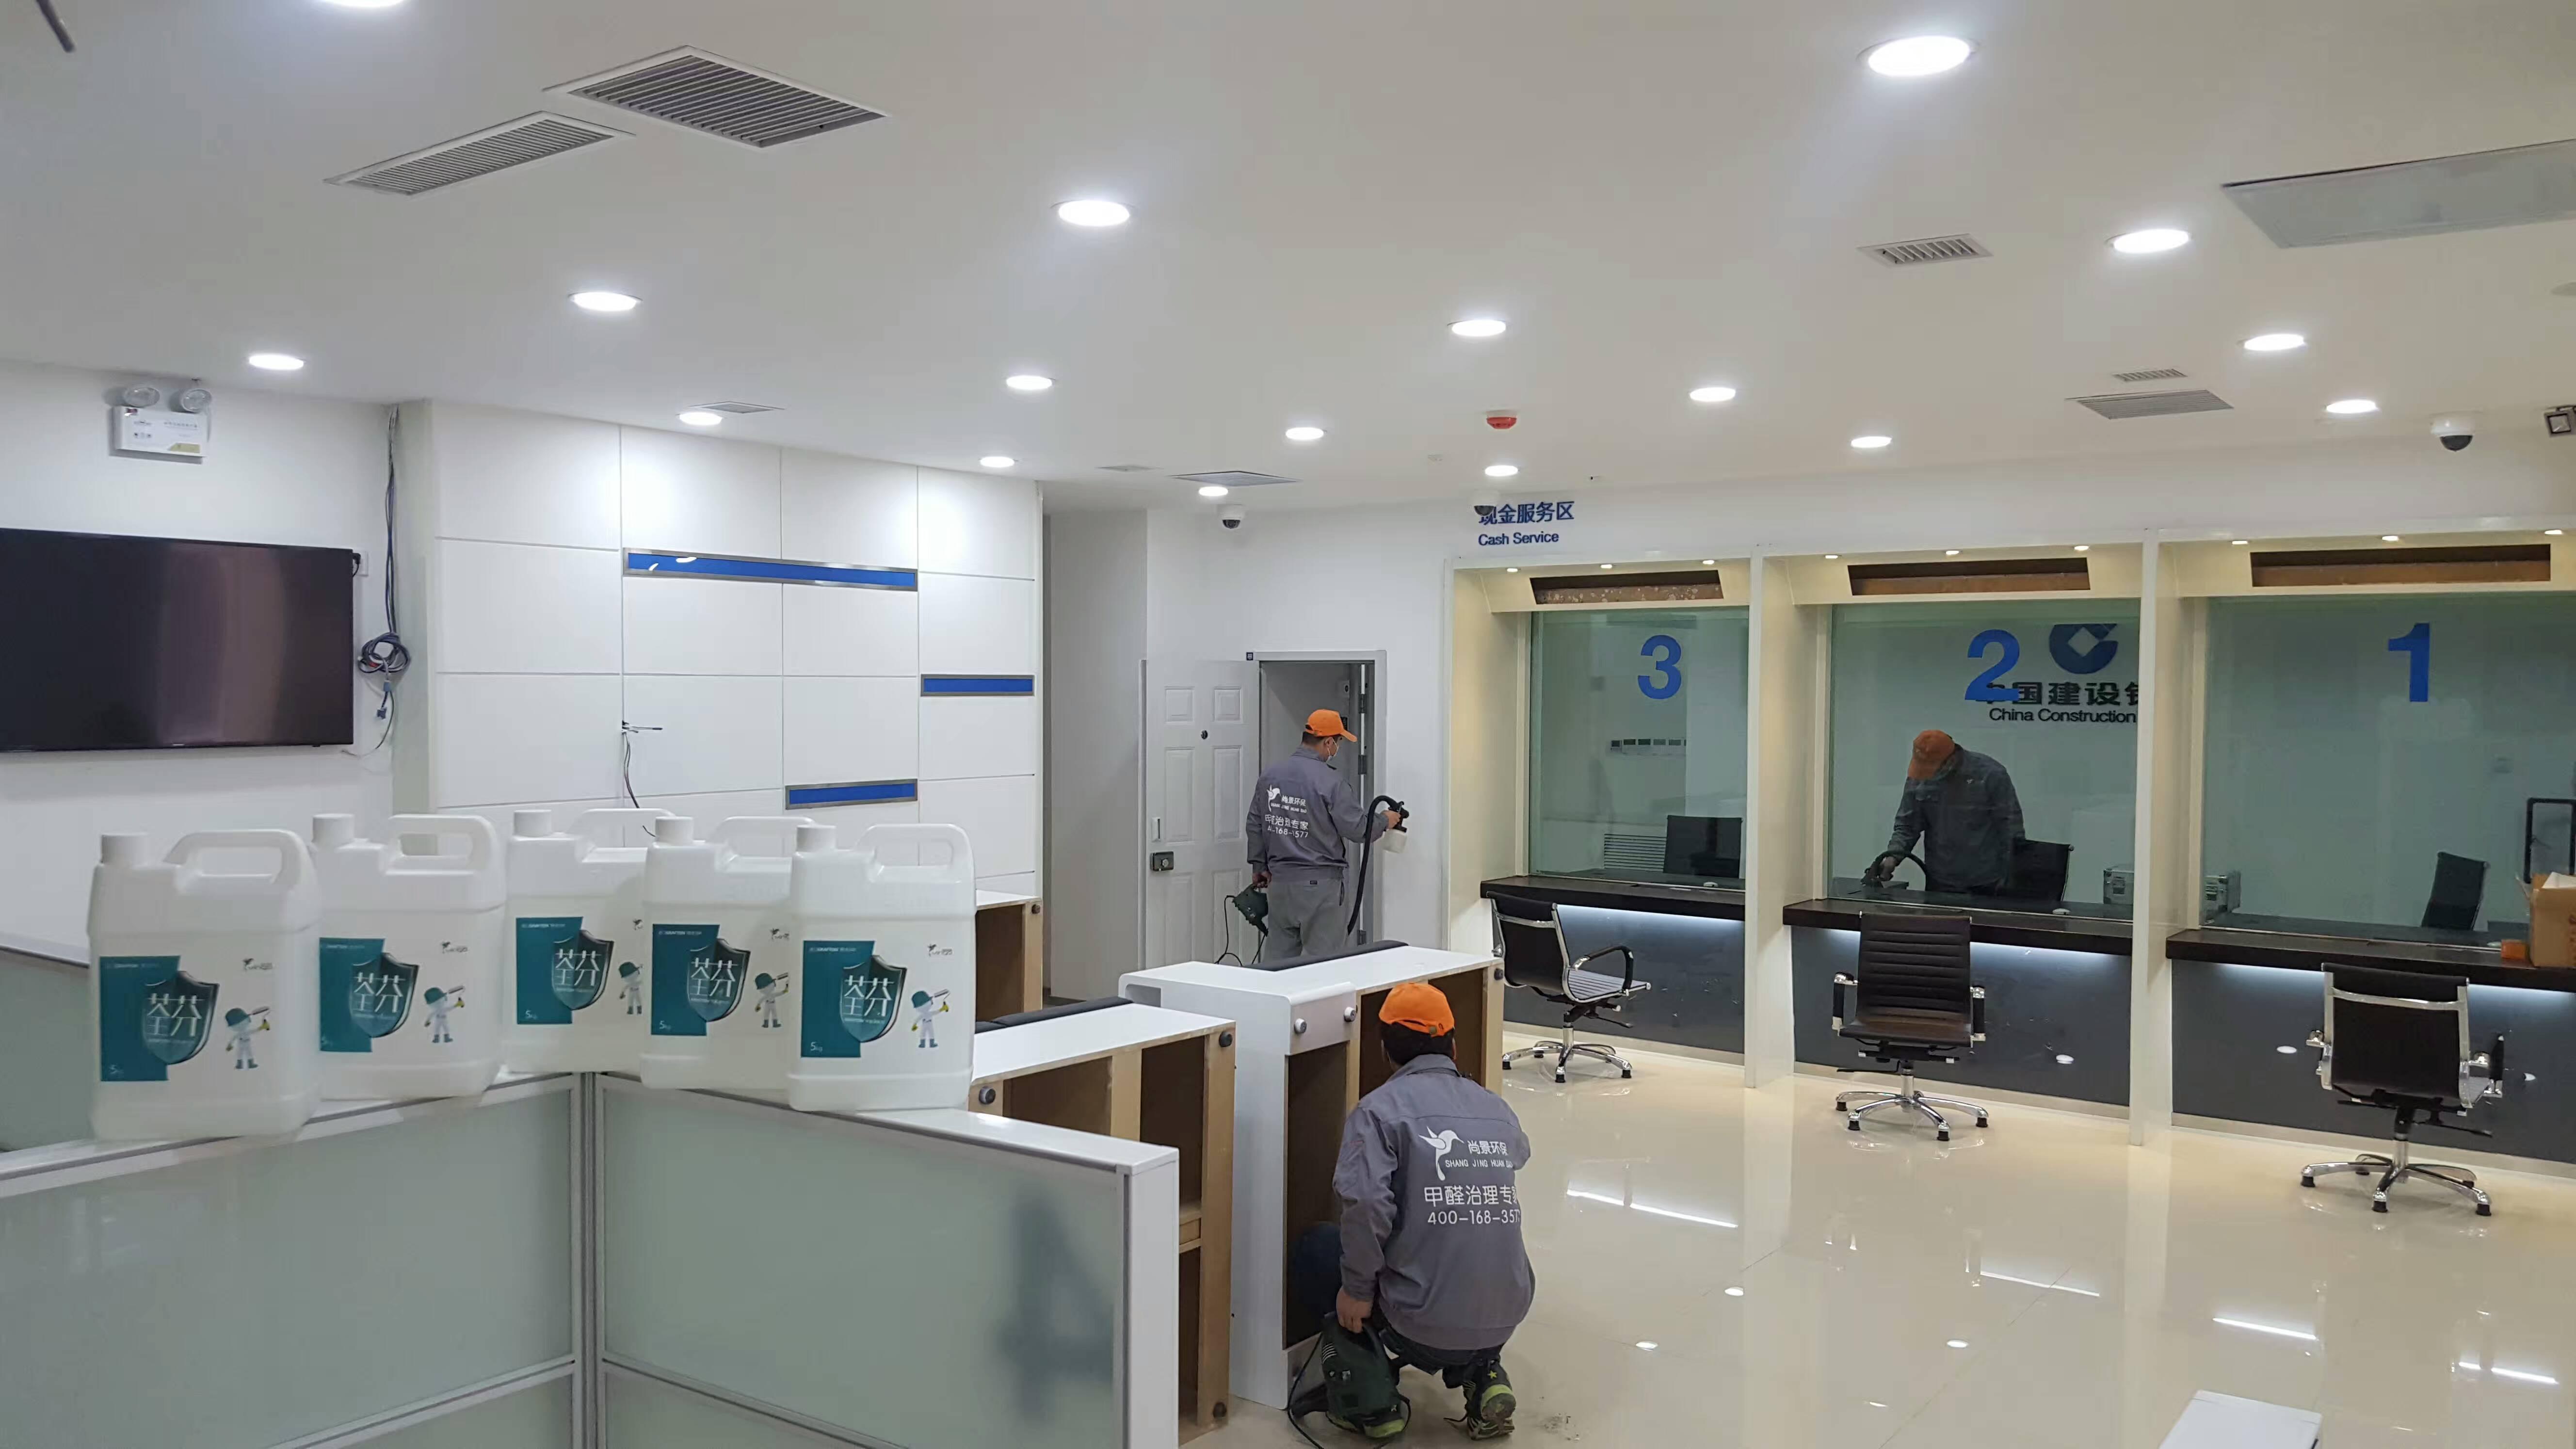 中国建设银行黄河支行柜子施工